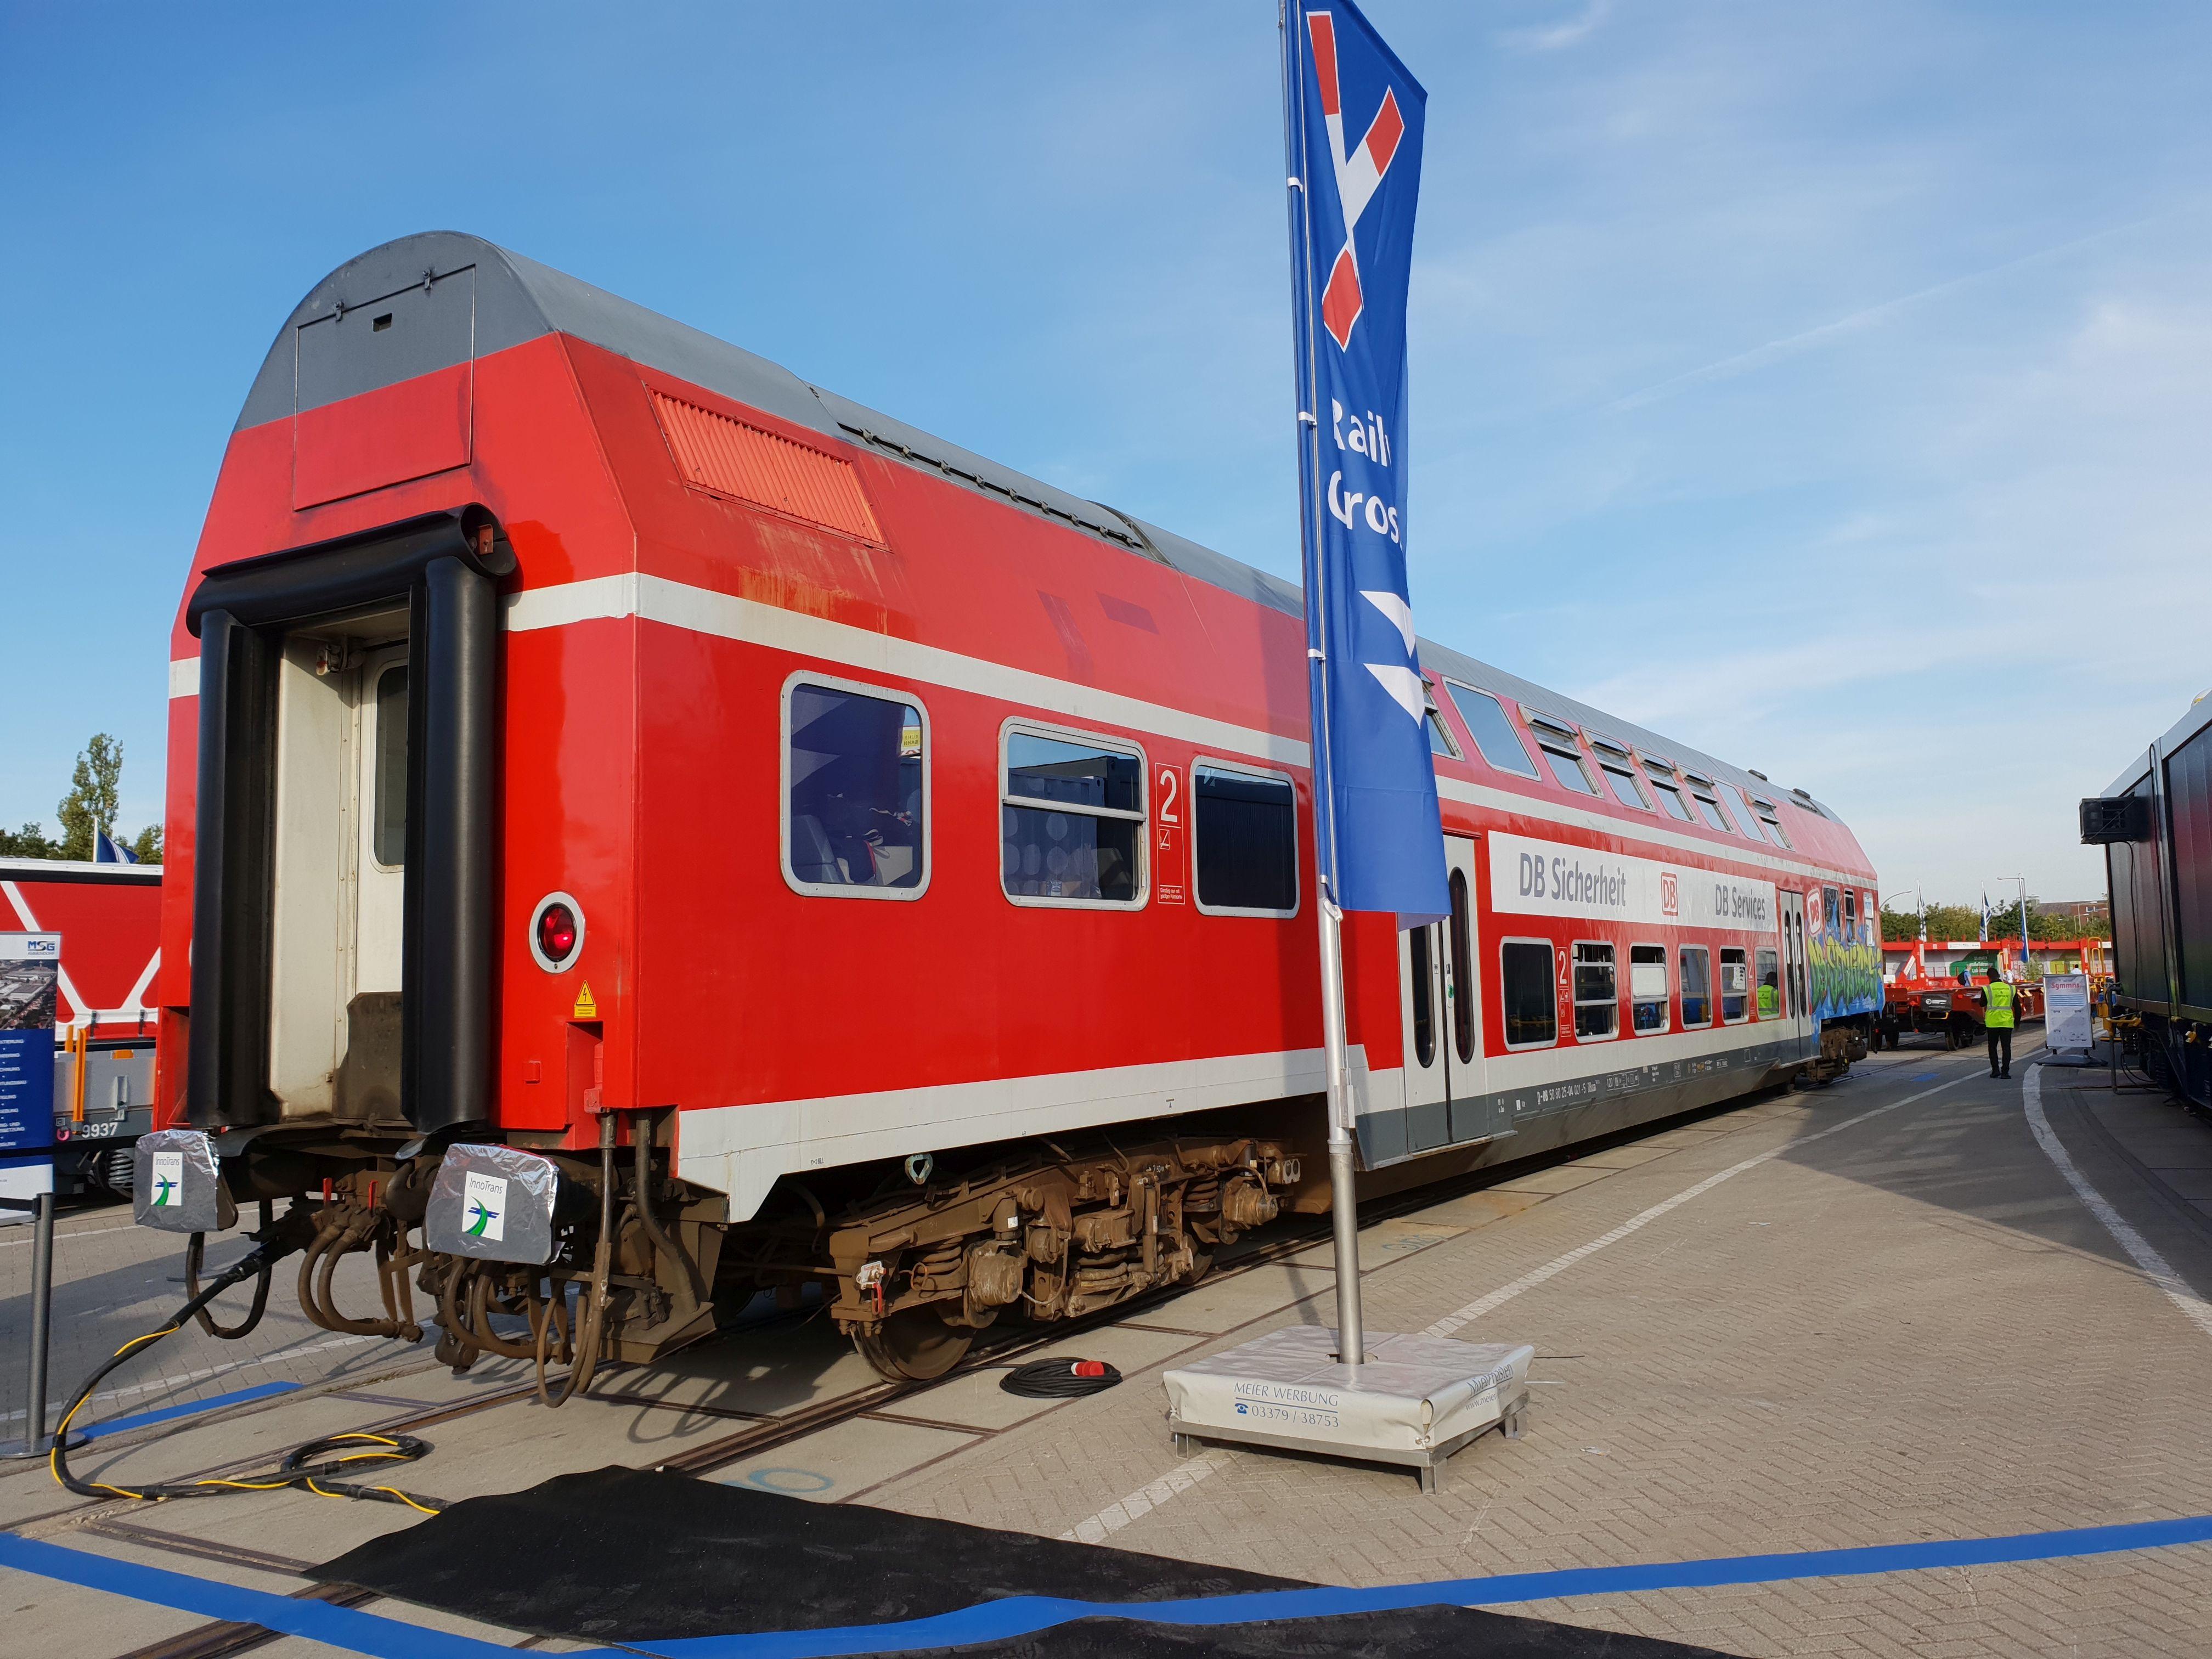 Foto: in einem Doppelstockwagen präsentieren sich DB Sicherheit und DB Services auf der Berliner Innotrans 2018